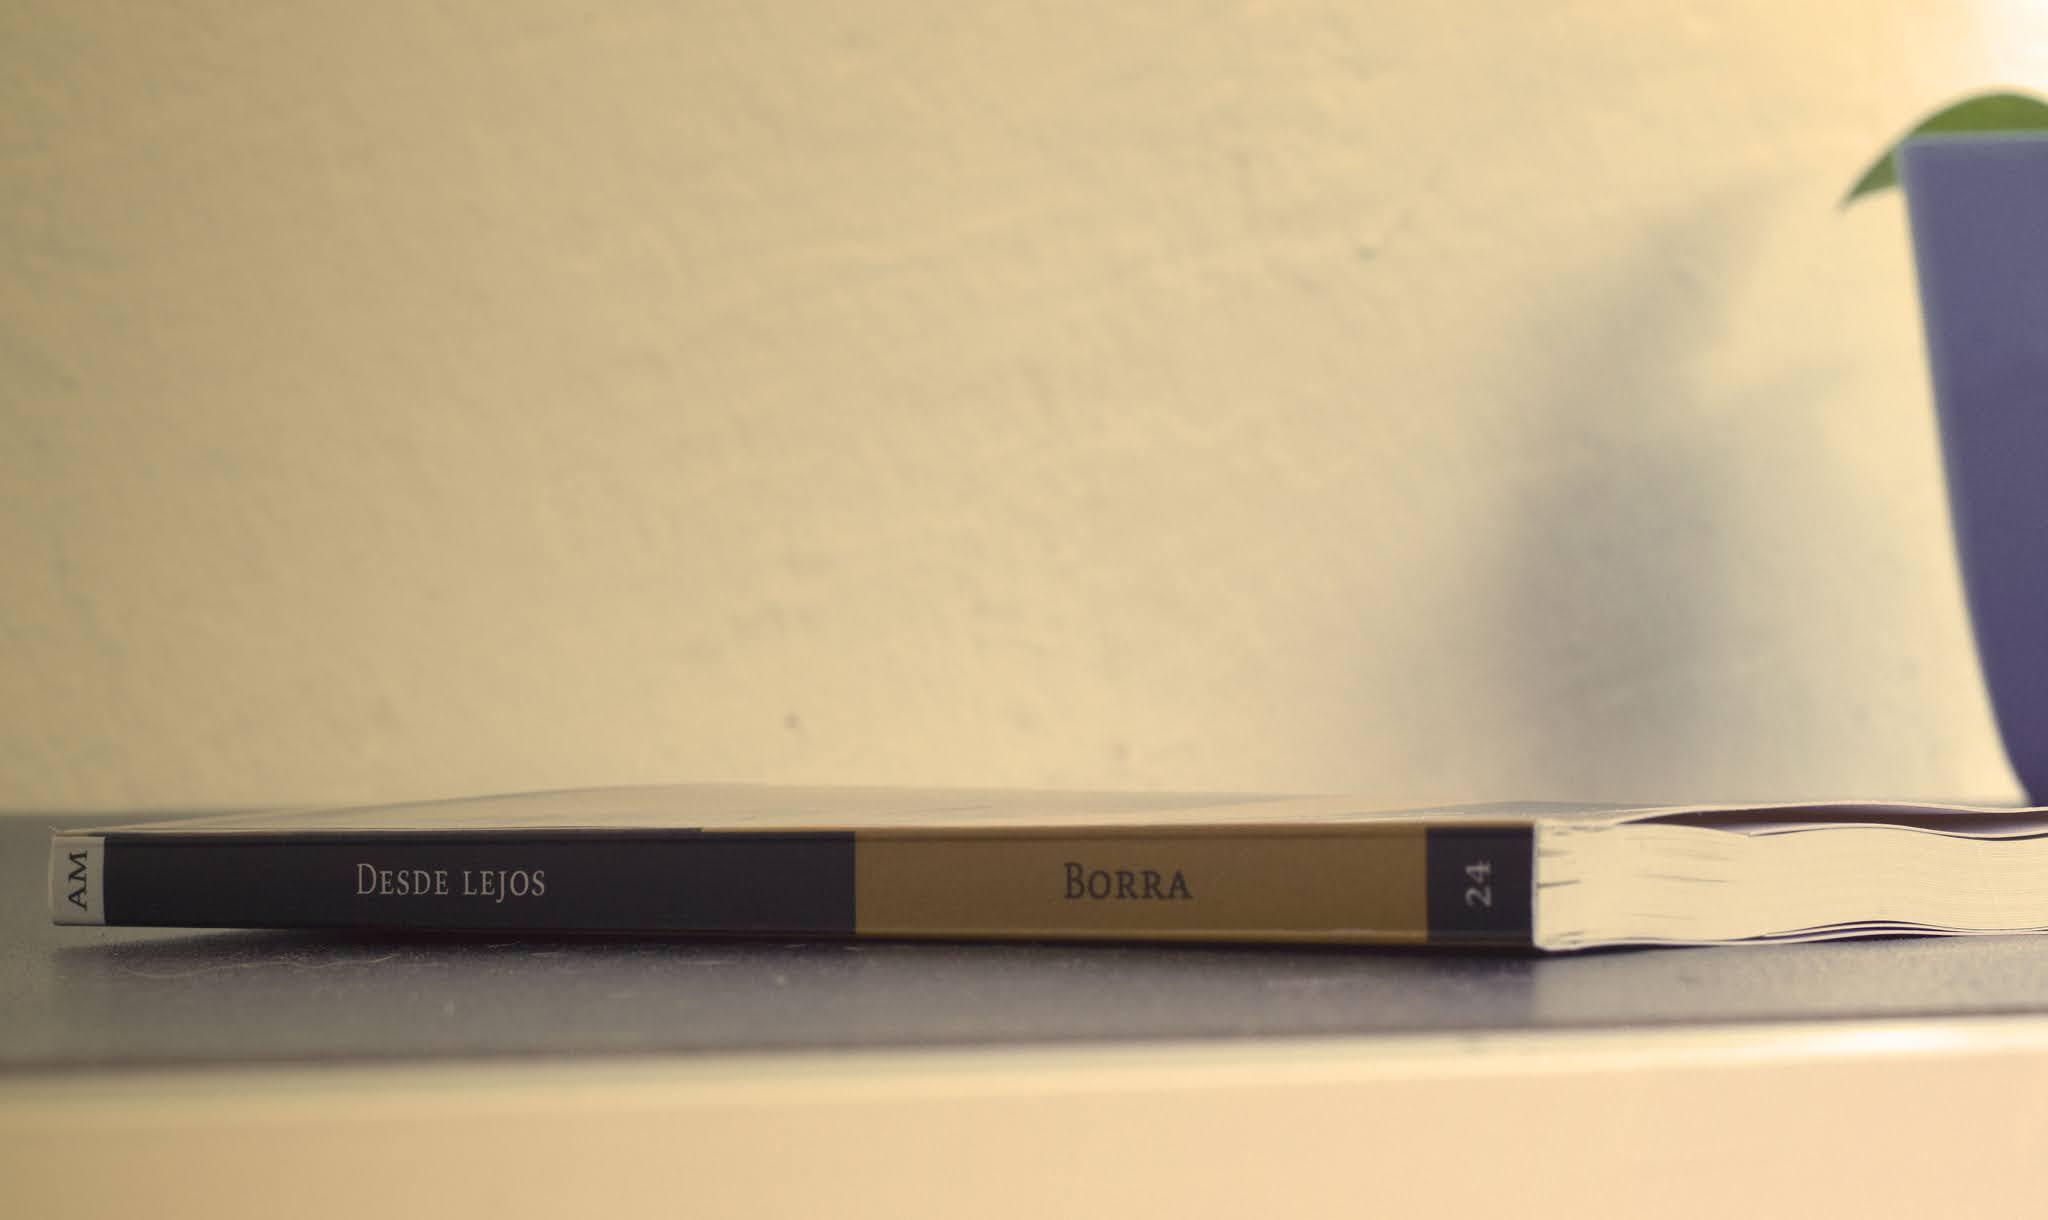 «Desde lejos» de Arturo Borra (Eolas Ediciones)